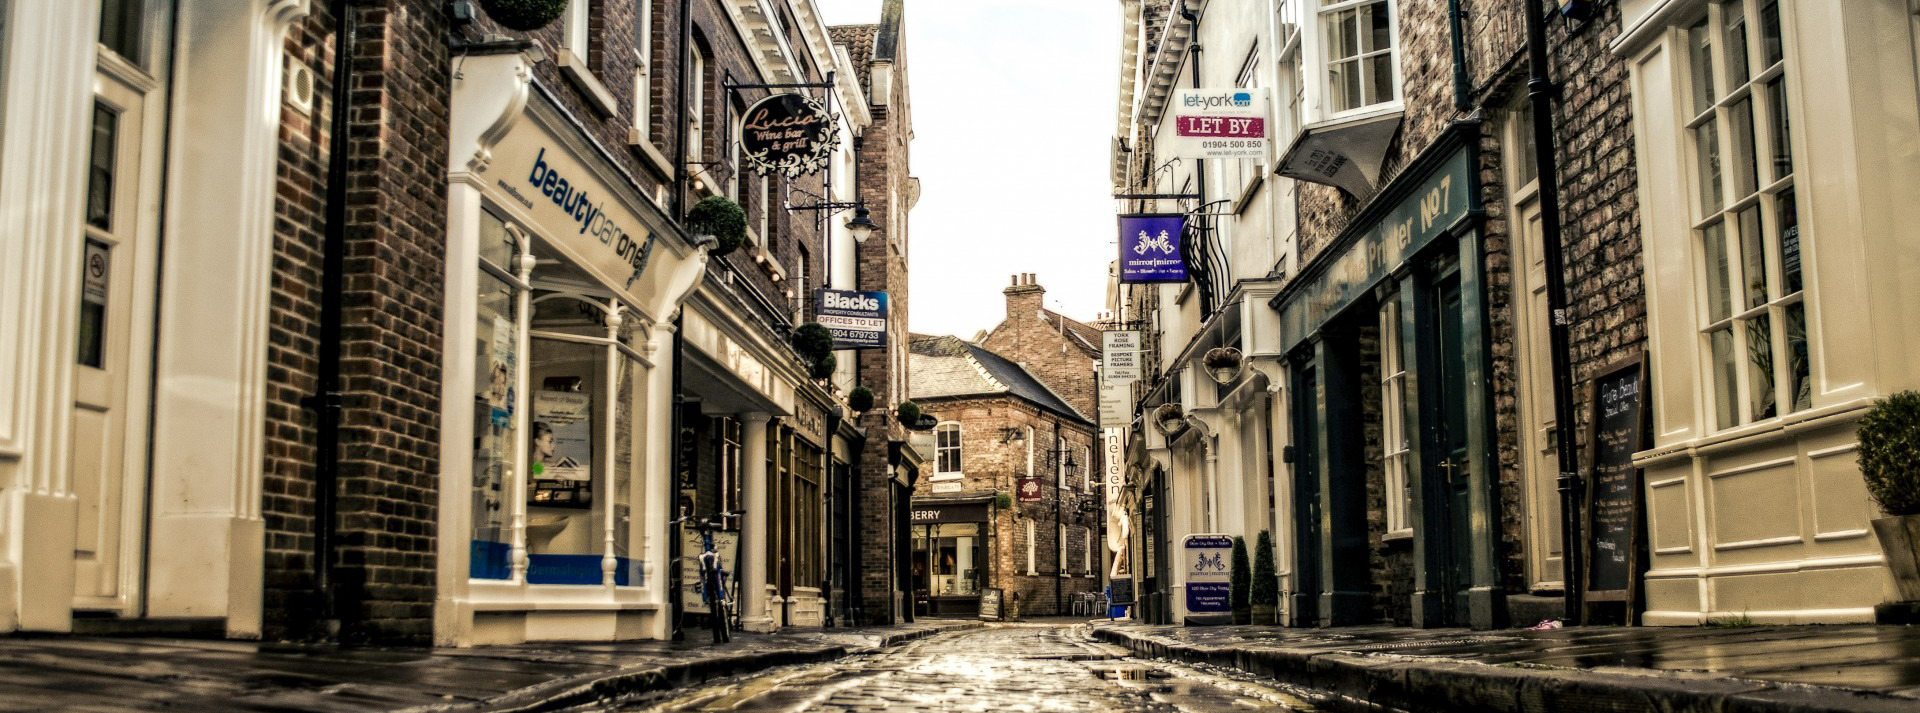 Shambles, York